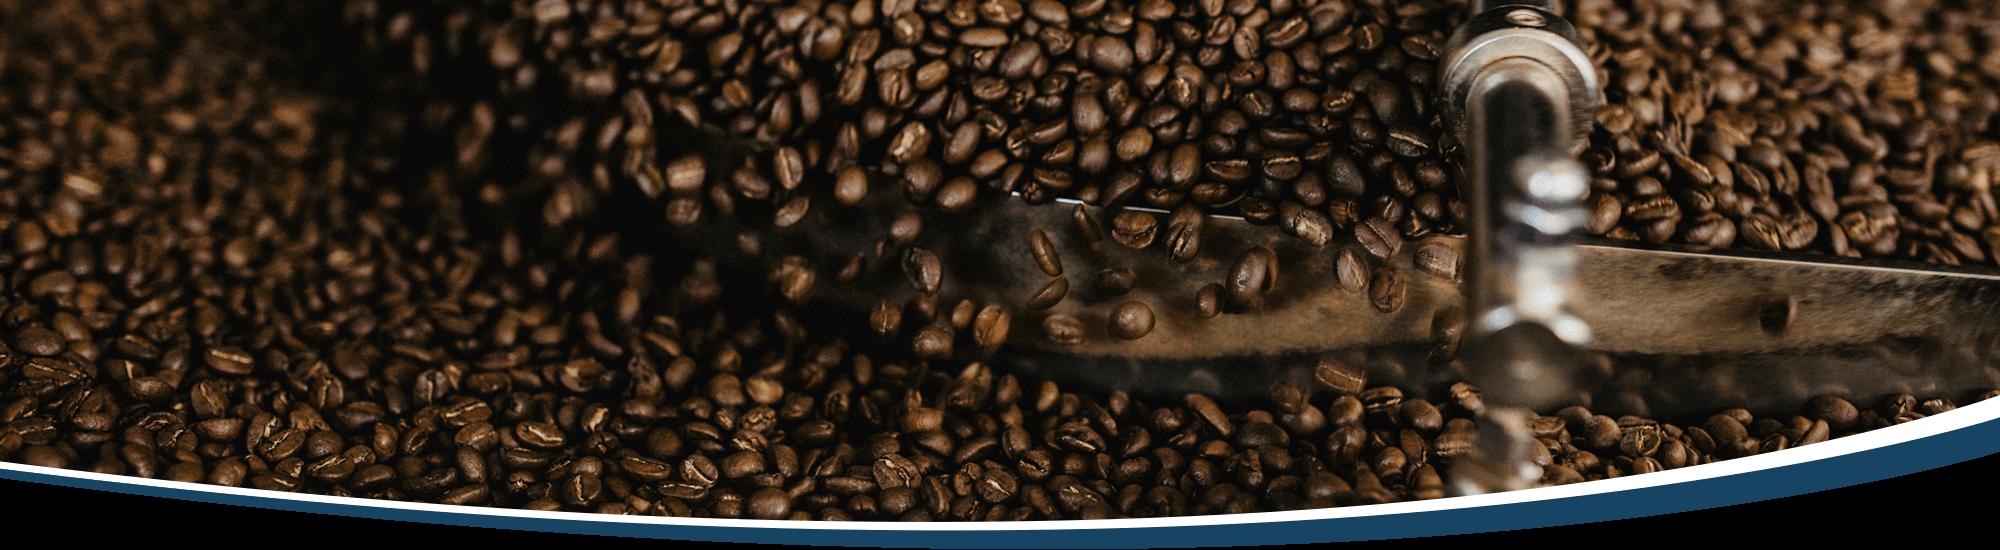 Frisch gerösteter Kaffee wird im Kühlsieb in Bewegung gehalten, während er auf Zimmertemperatur herunterkühlt.